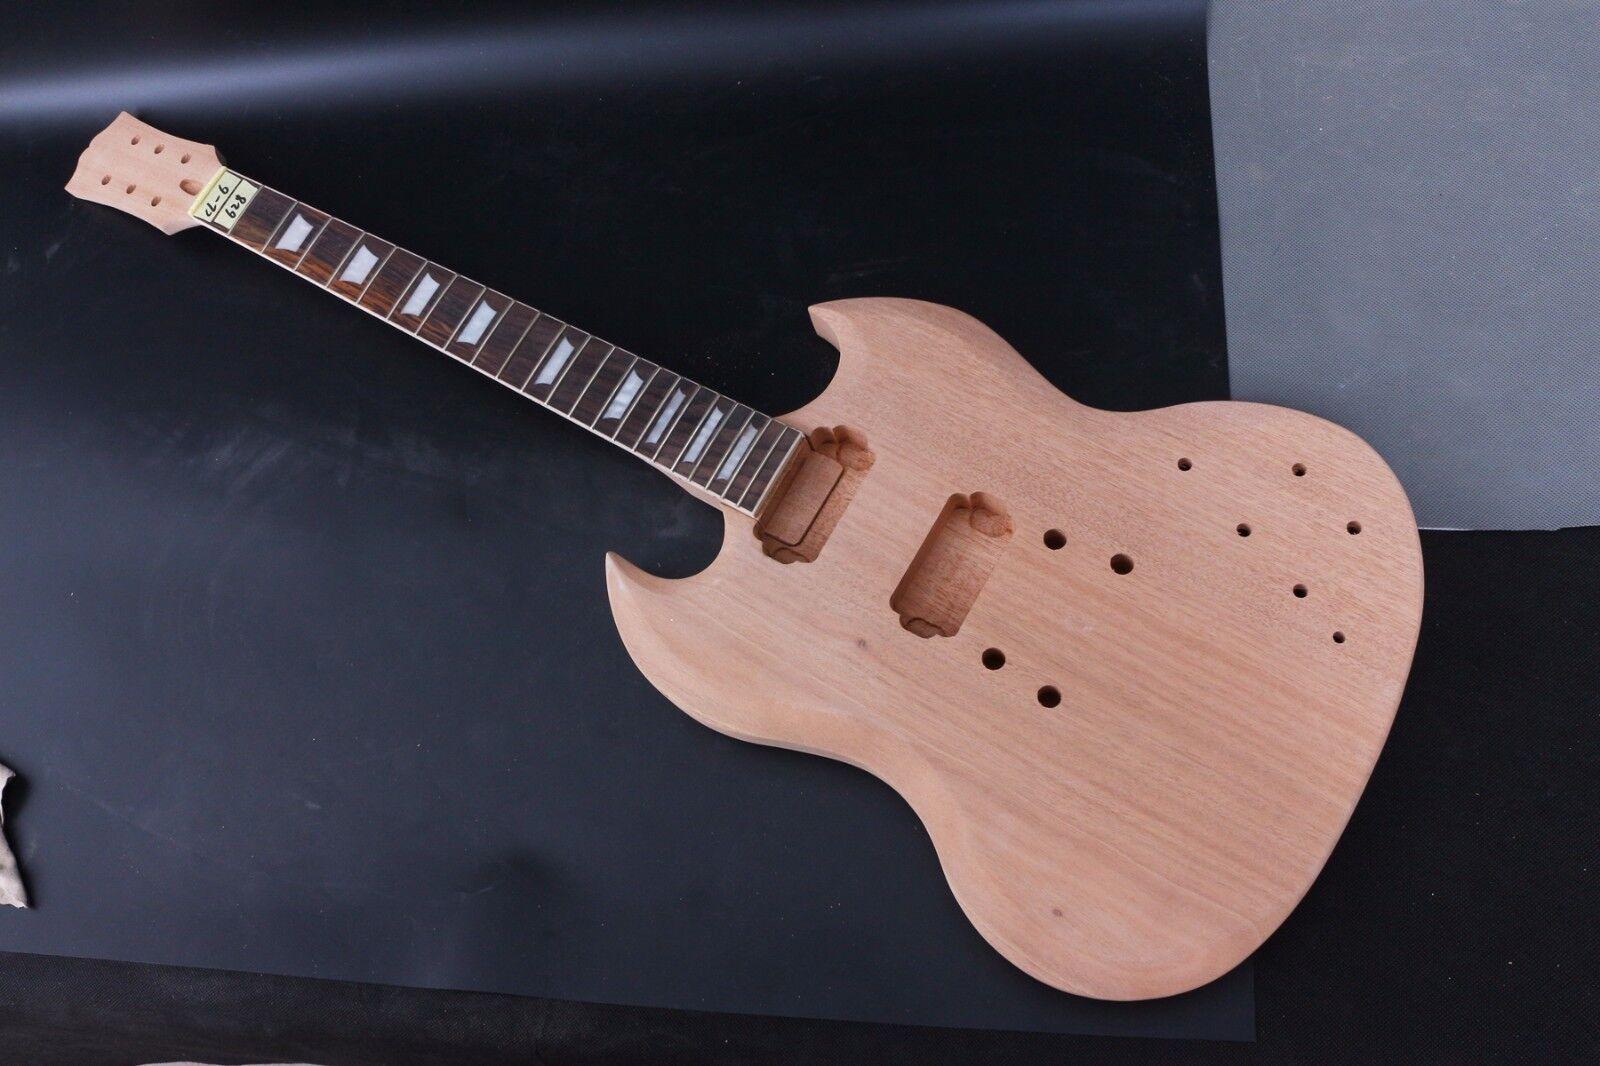 1Set Guitarra de Cuerpo Caoba inacabado + Guitarra Cuello Ajuste Ajuste Ajuste SG Estilo Guitarra Eléctrica  Mejor precio